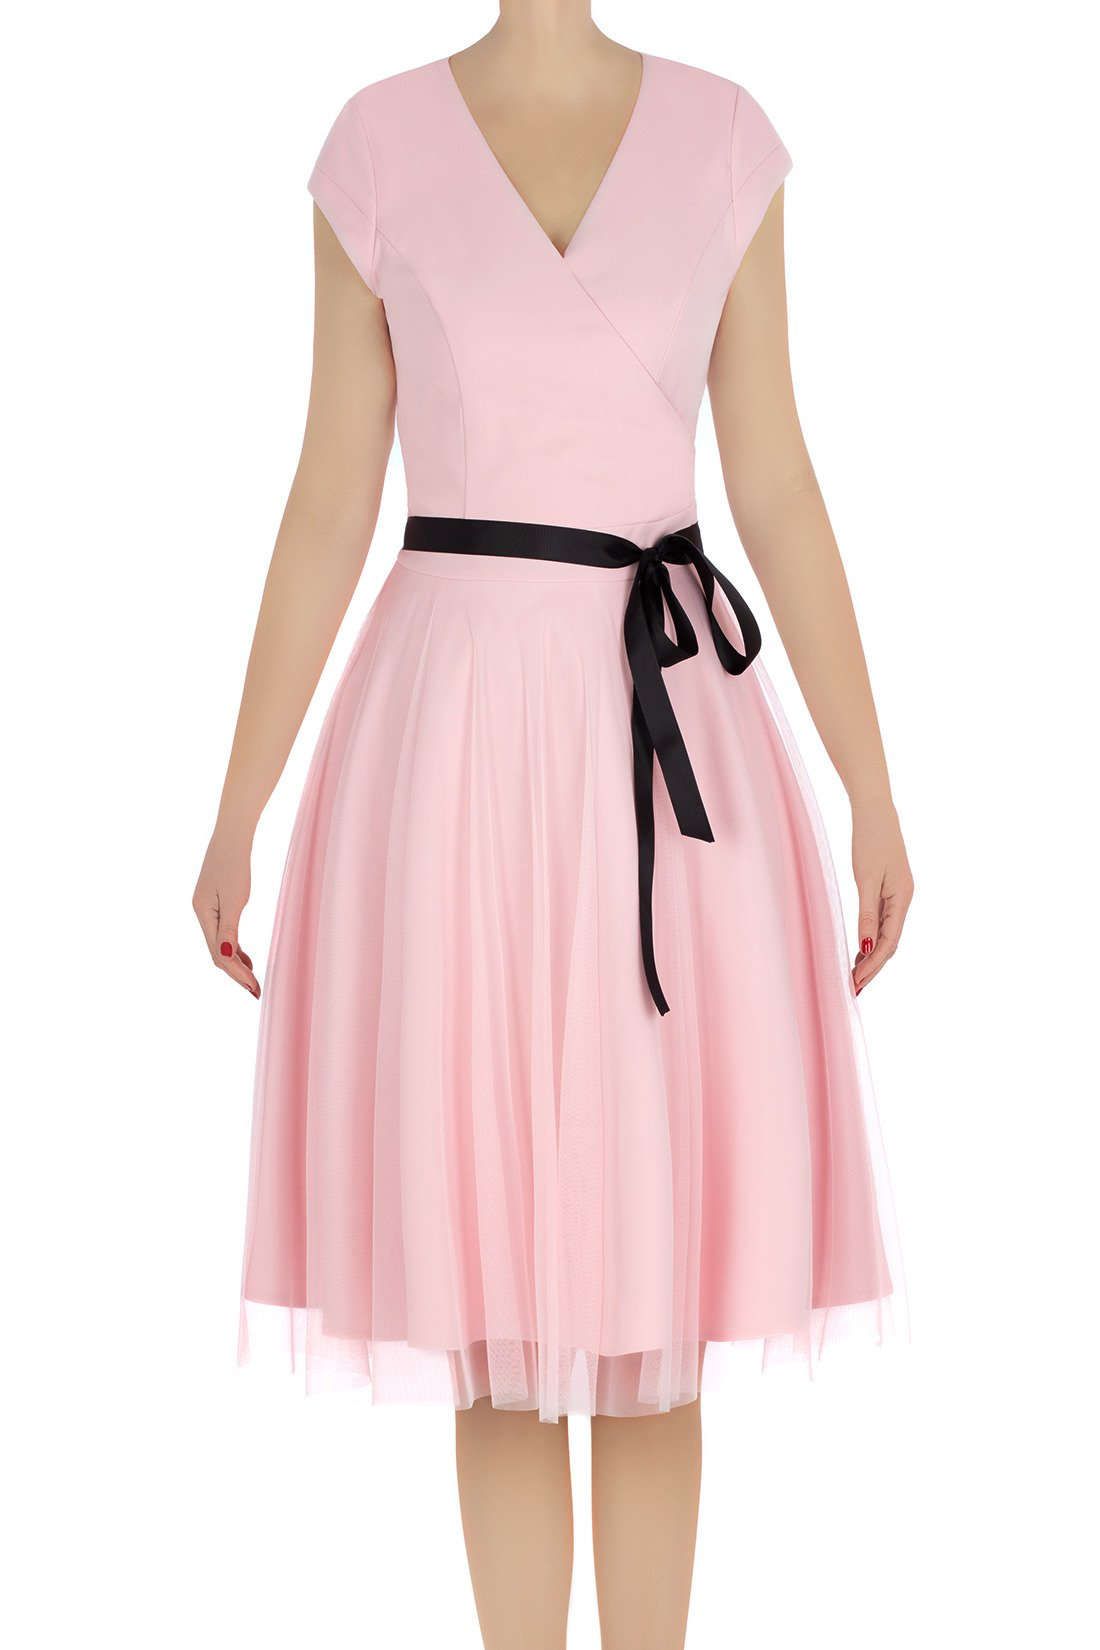 7a07bee67 Elegancka sukienka damska Feero pudrowy róż z paskiem 3225 Kliknij, aby  powiększyć ...